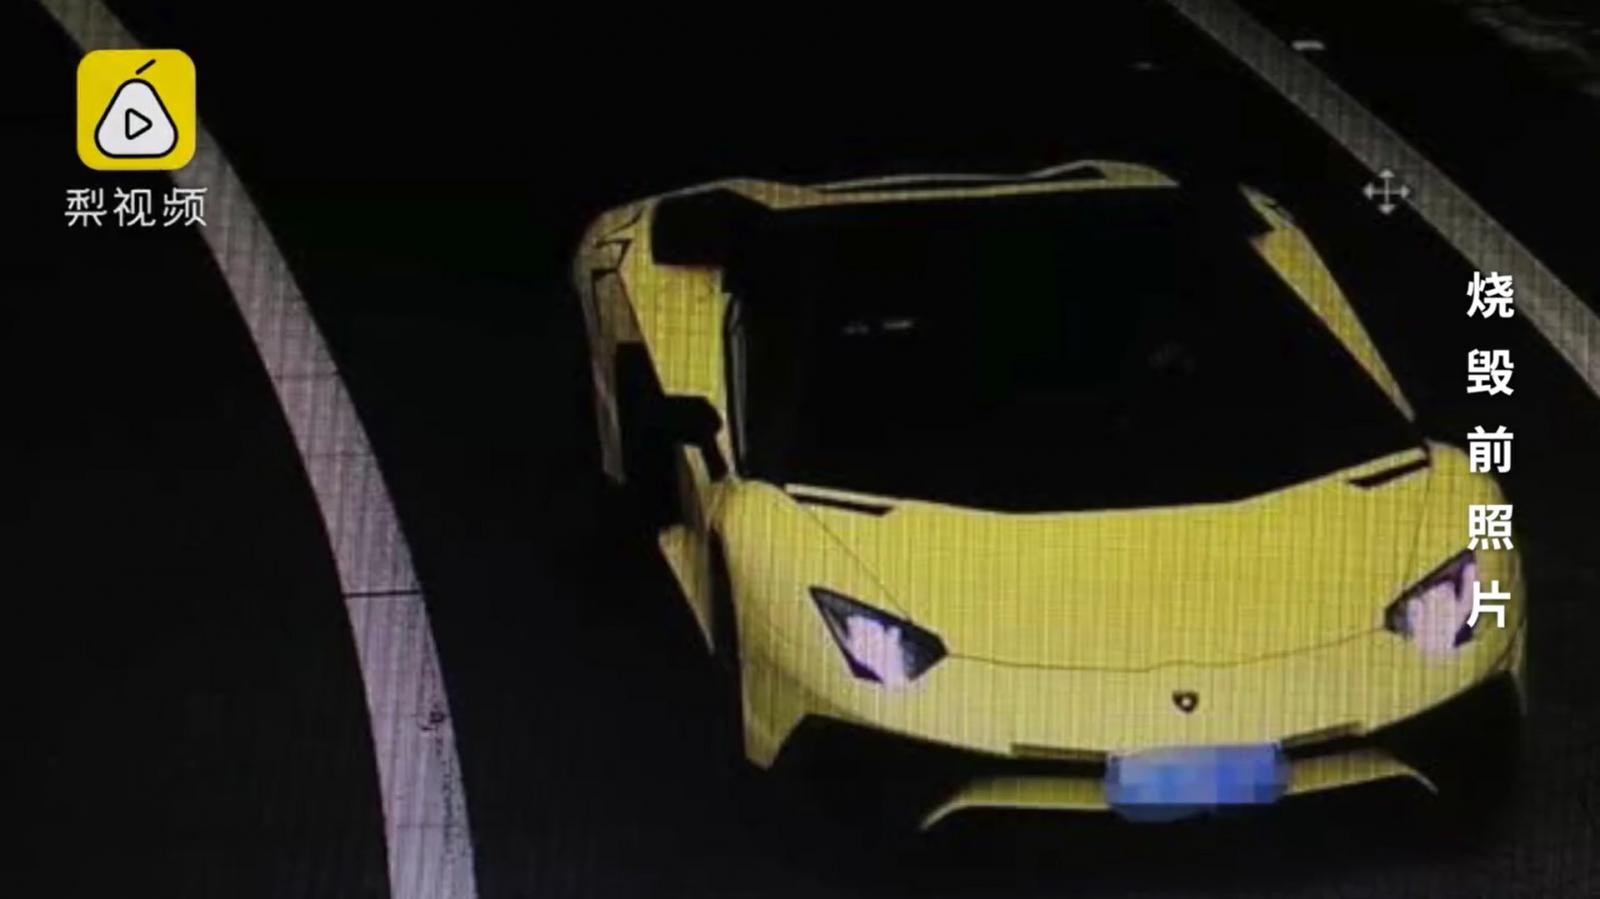 Chiếc Lamborghini Aventador SV chạy trên cao tốc khi vụ cháy chưa xảy ra